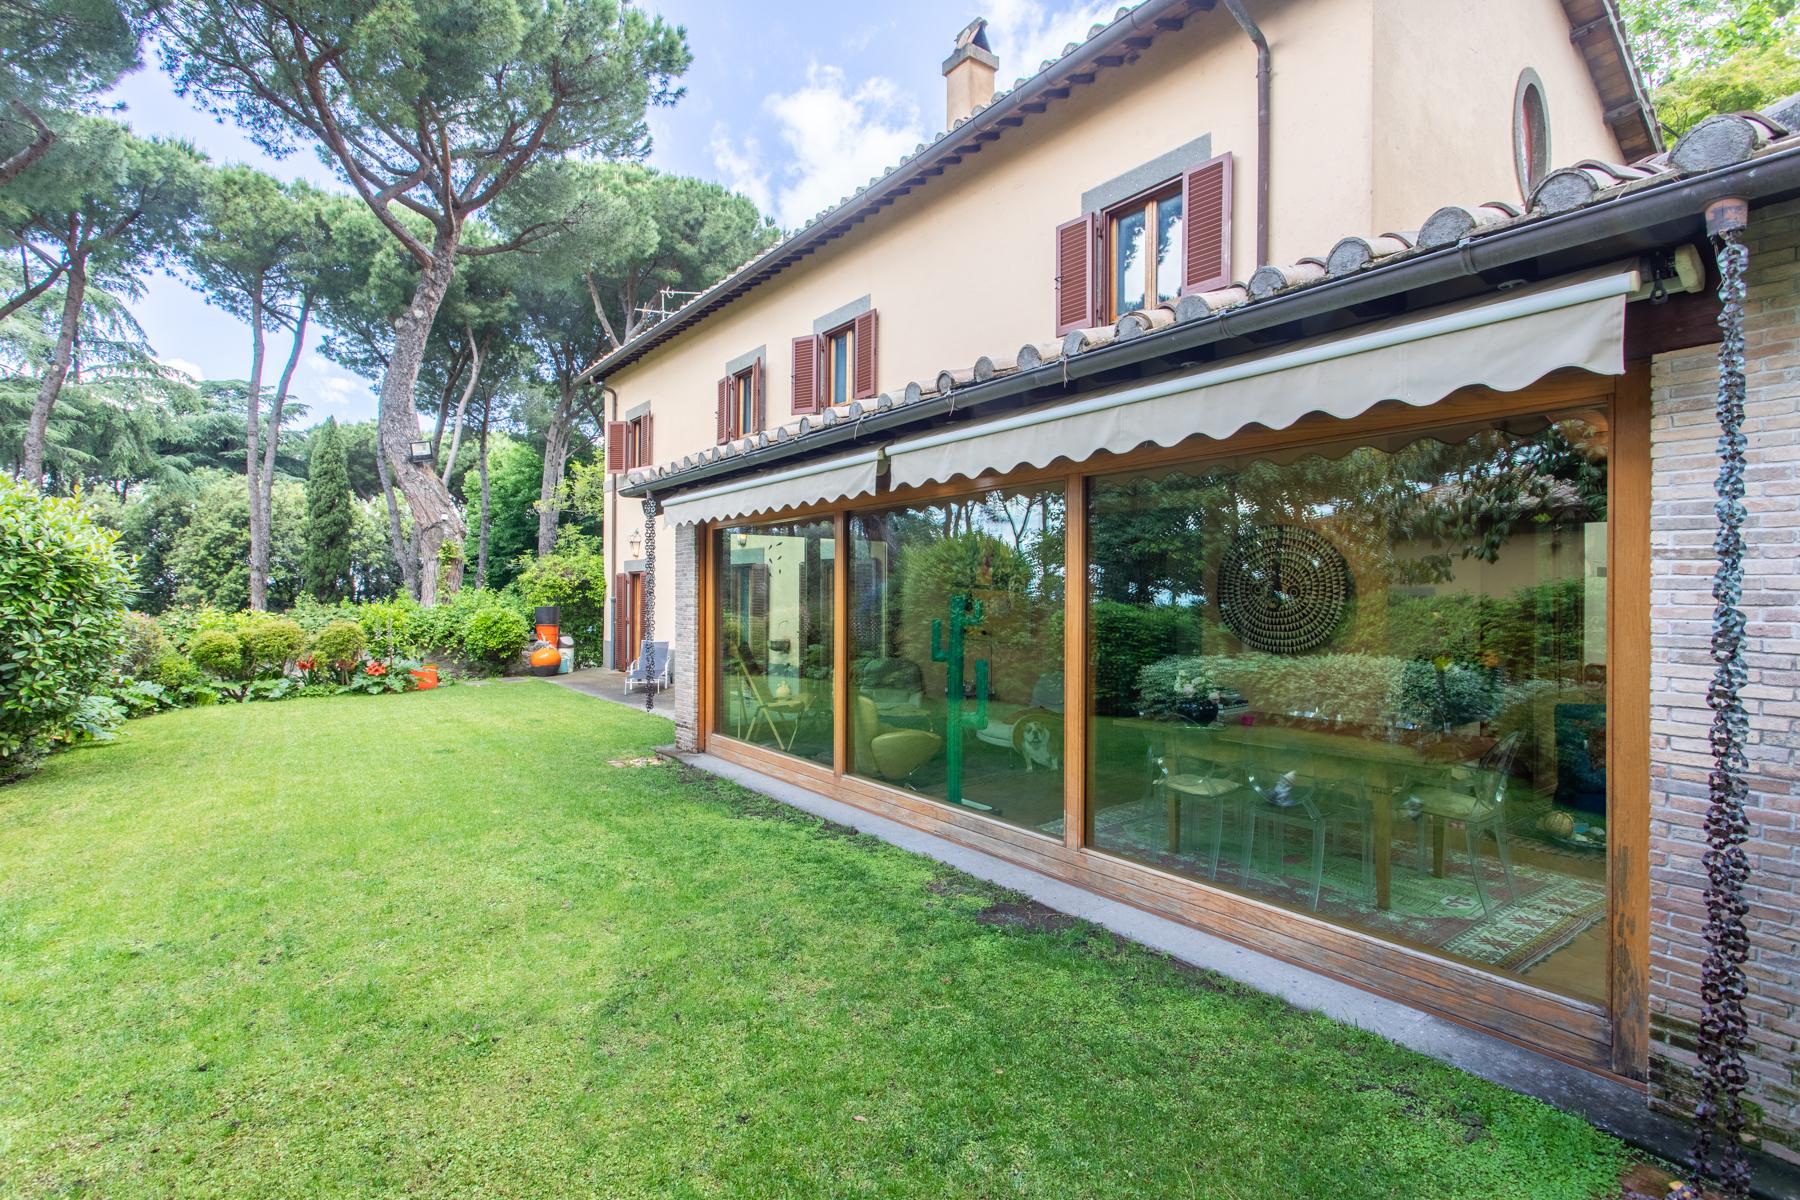 Villa in Vendita a Castel Gandolfo: 5 locali, 400 mq - Foto 3